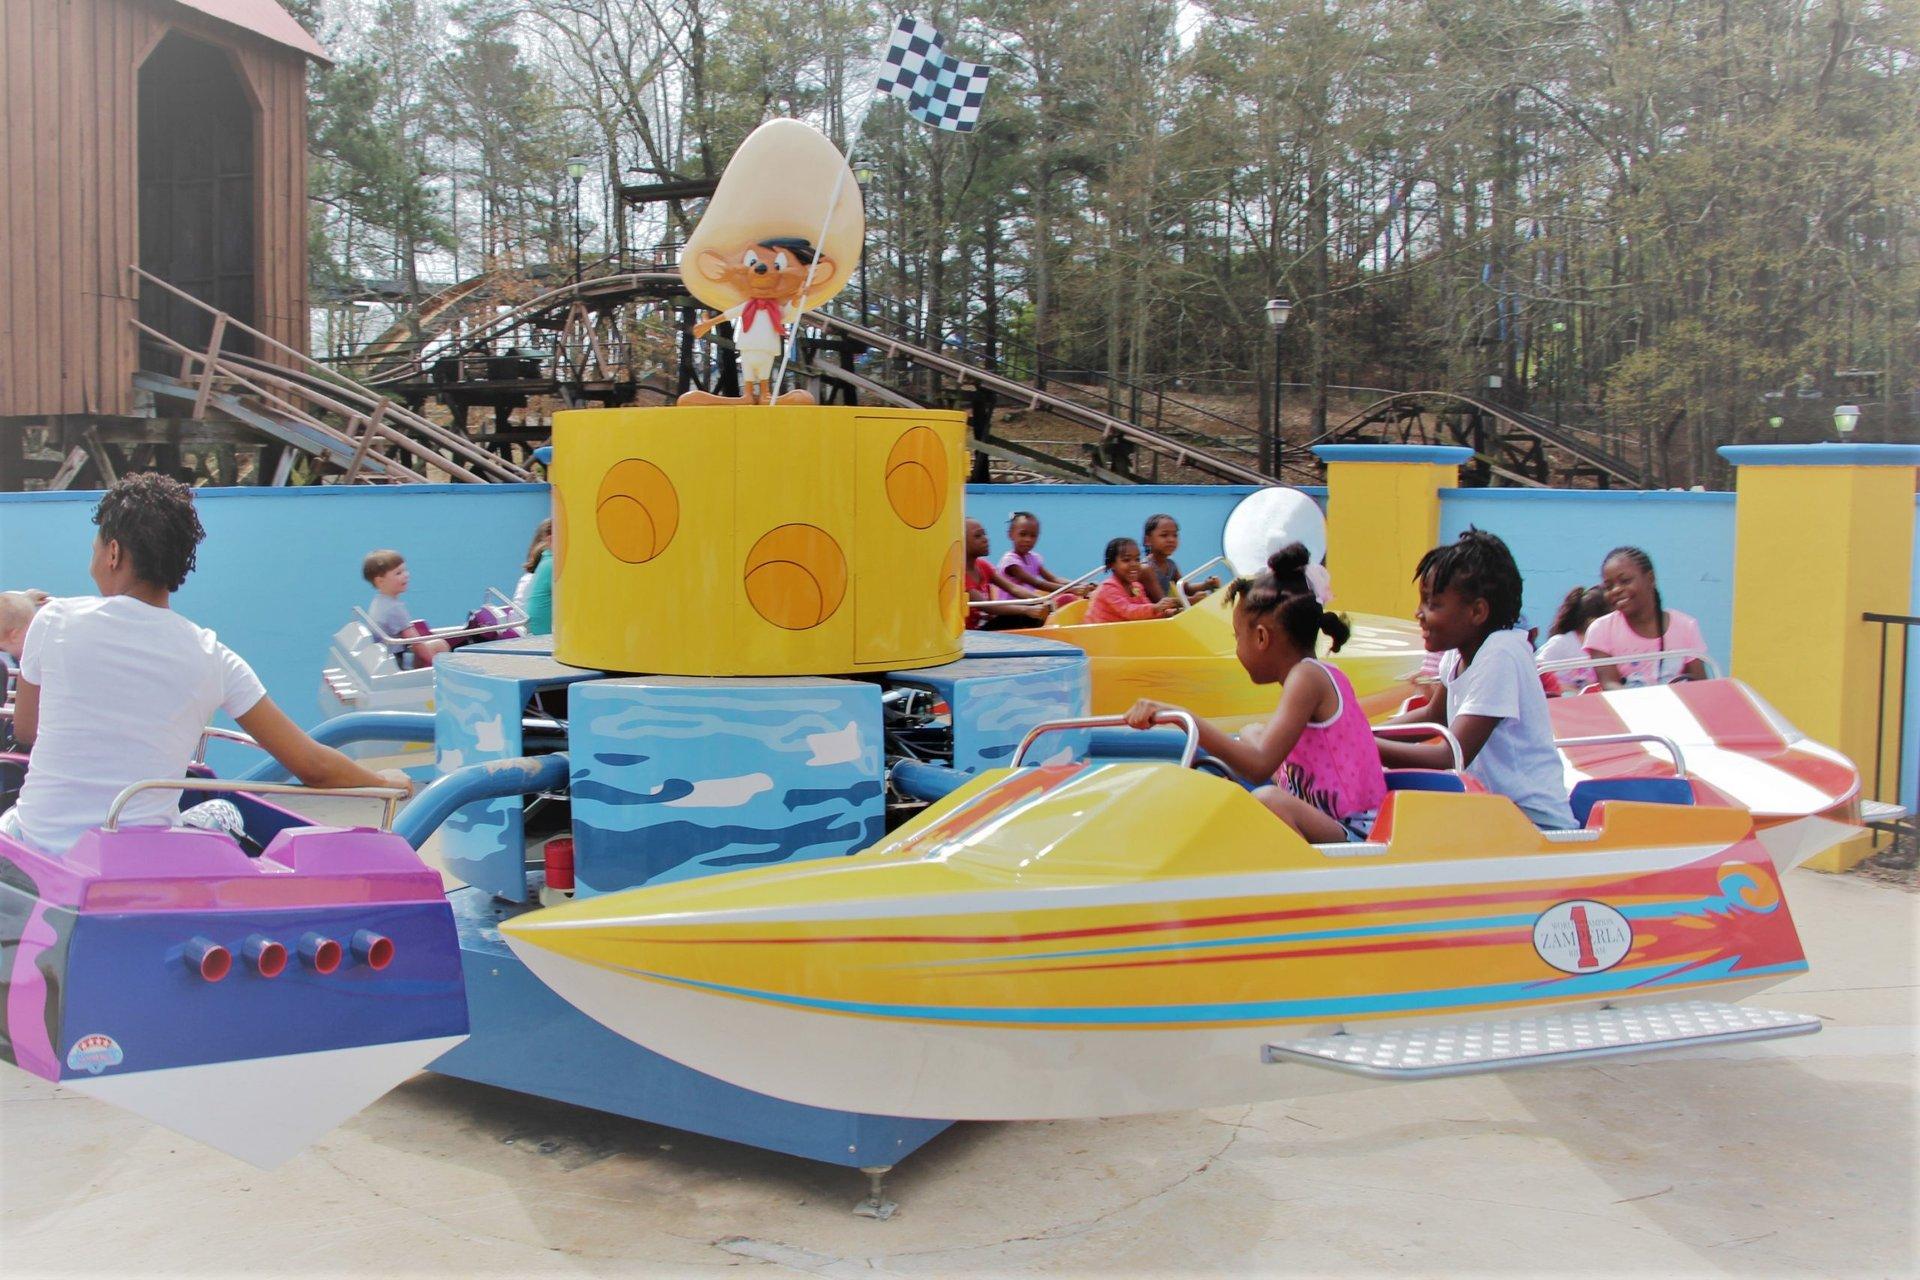 speedy-gonzales-speed-boats-1